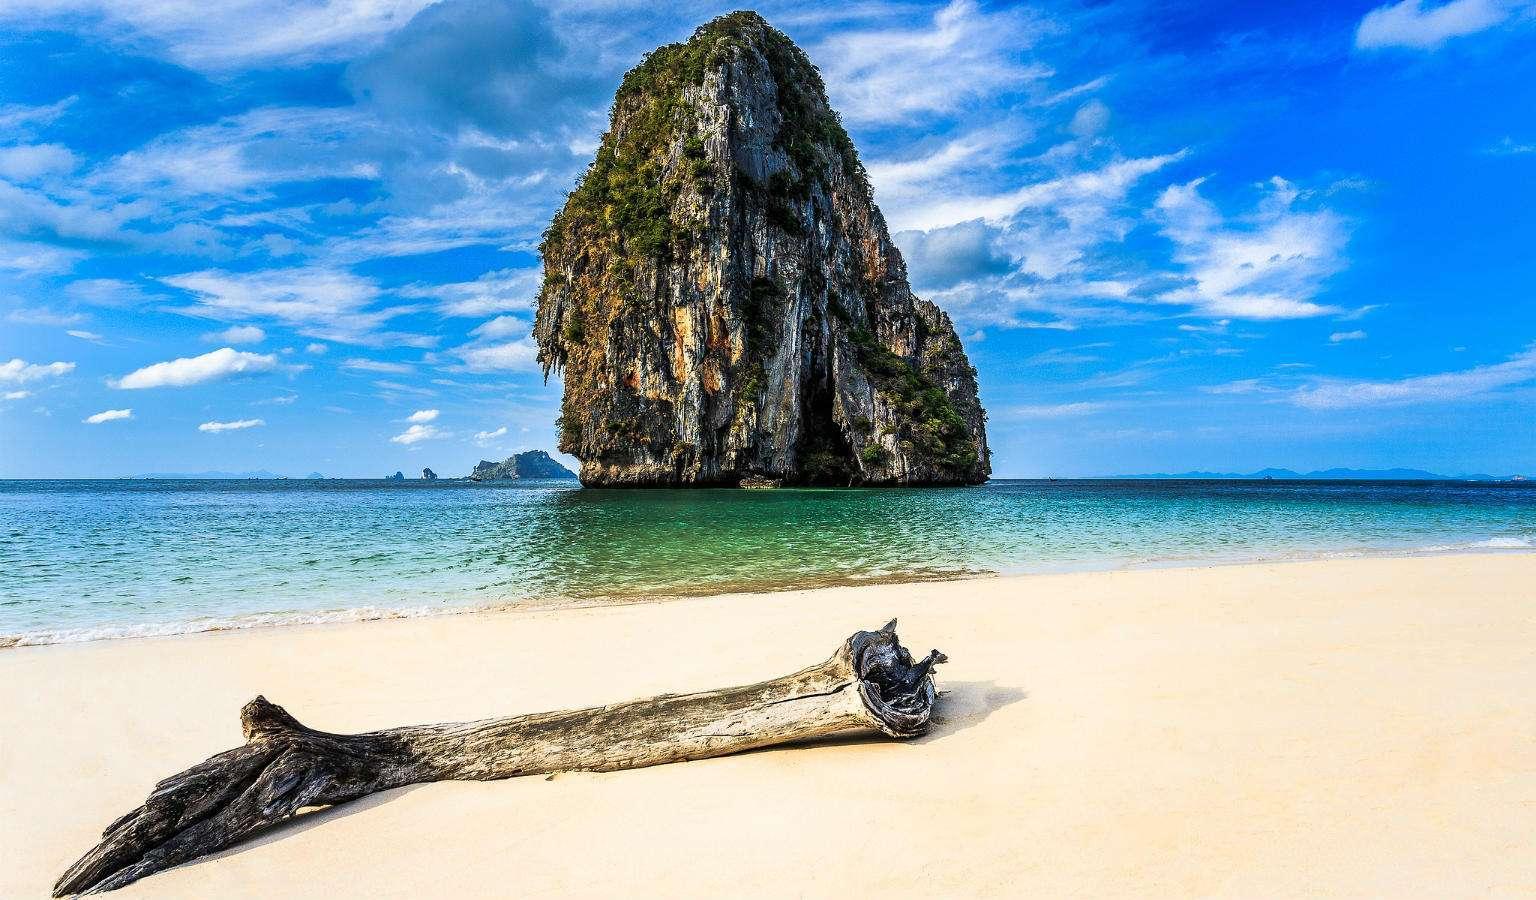 Grote rots in zee met aangespoeld hout op het strand van Ao Phra Nang Beach